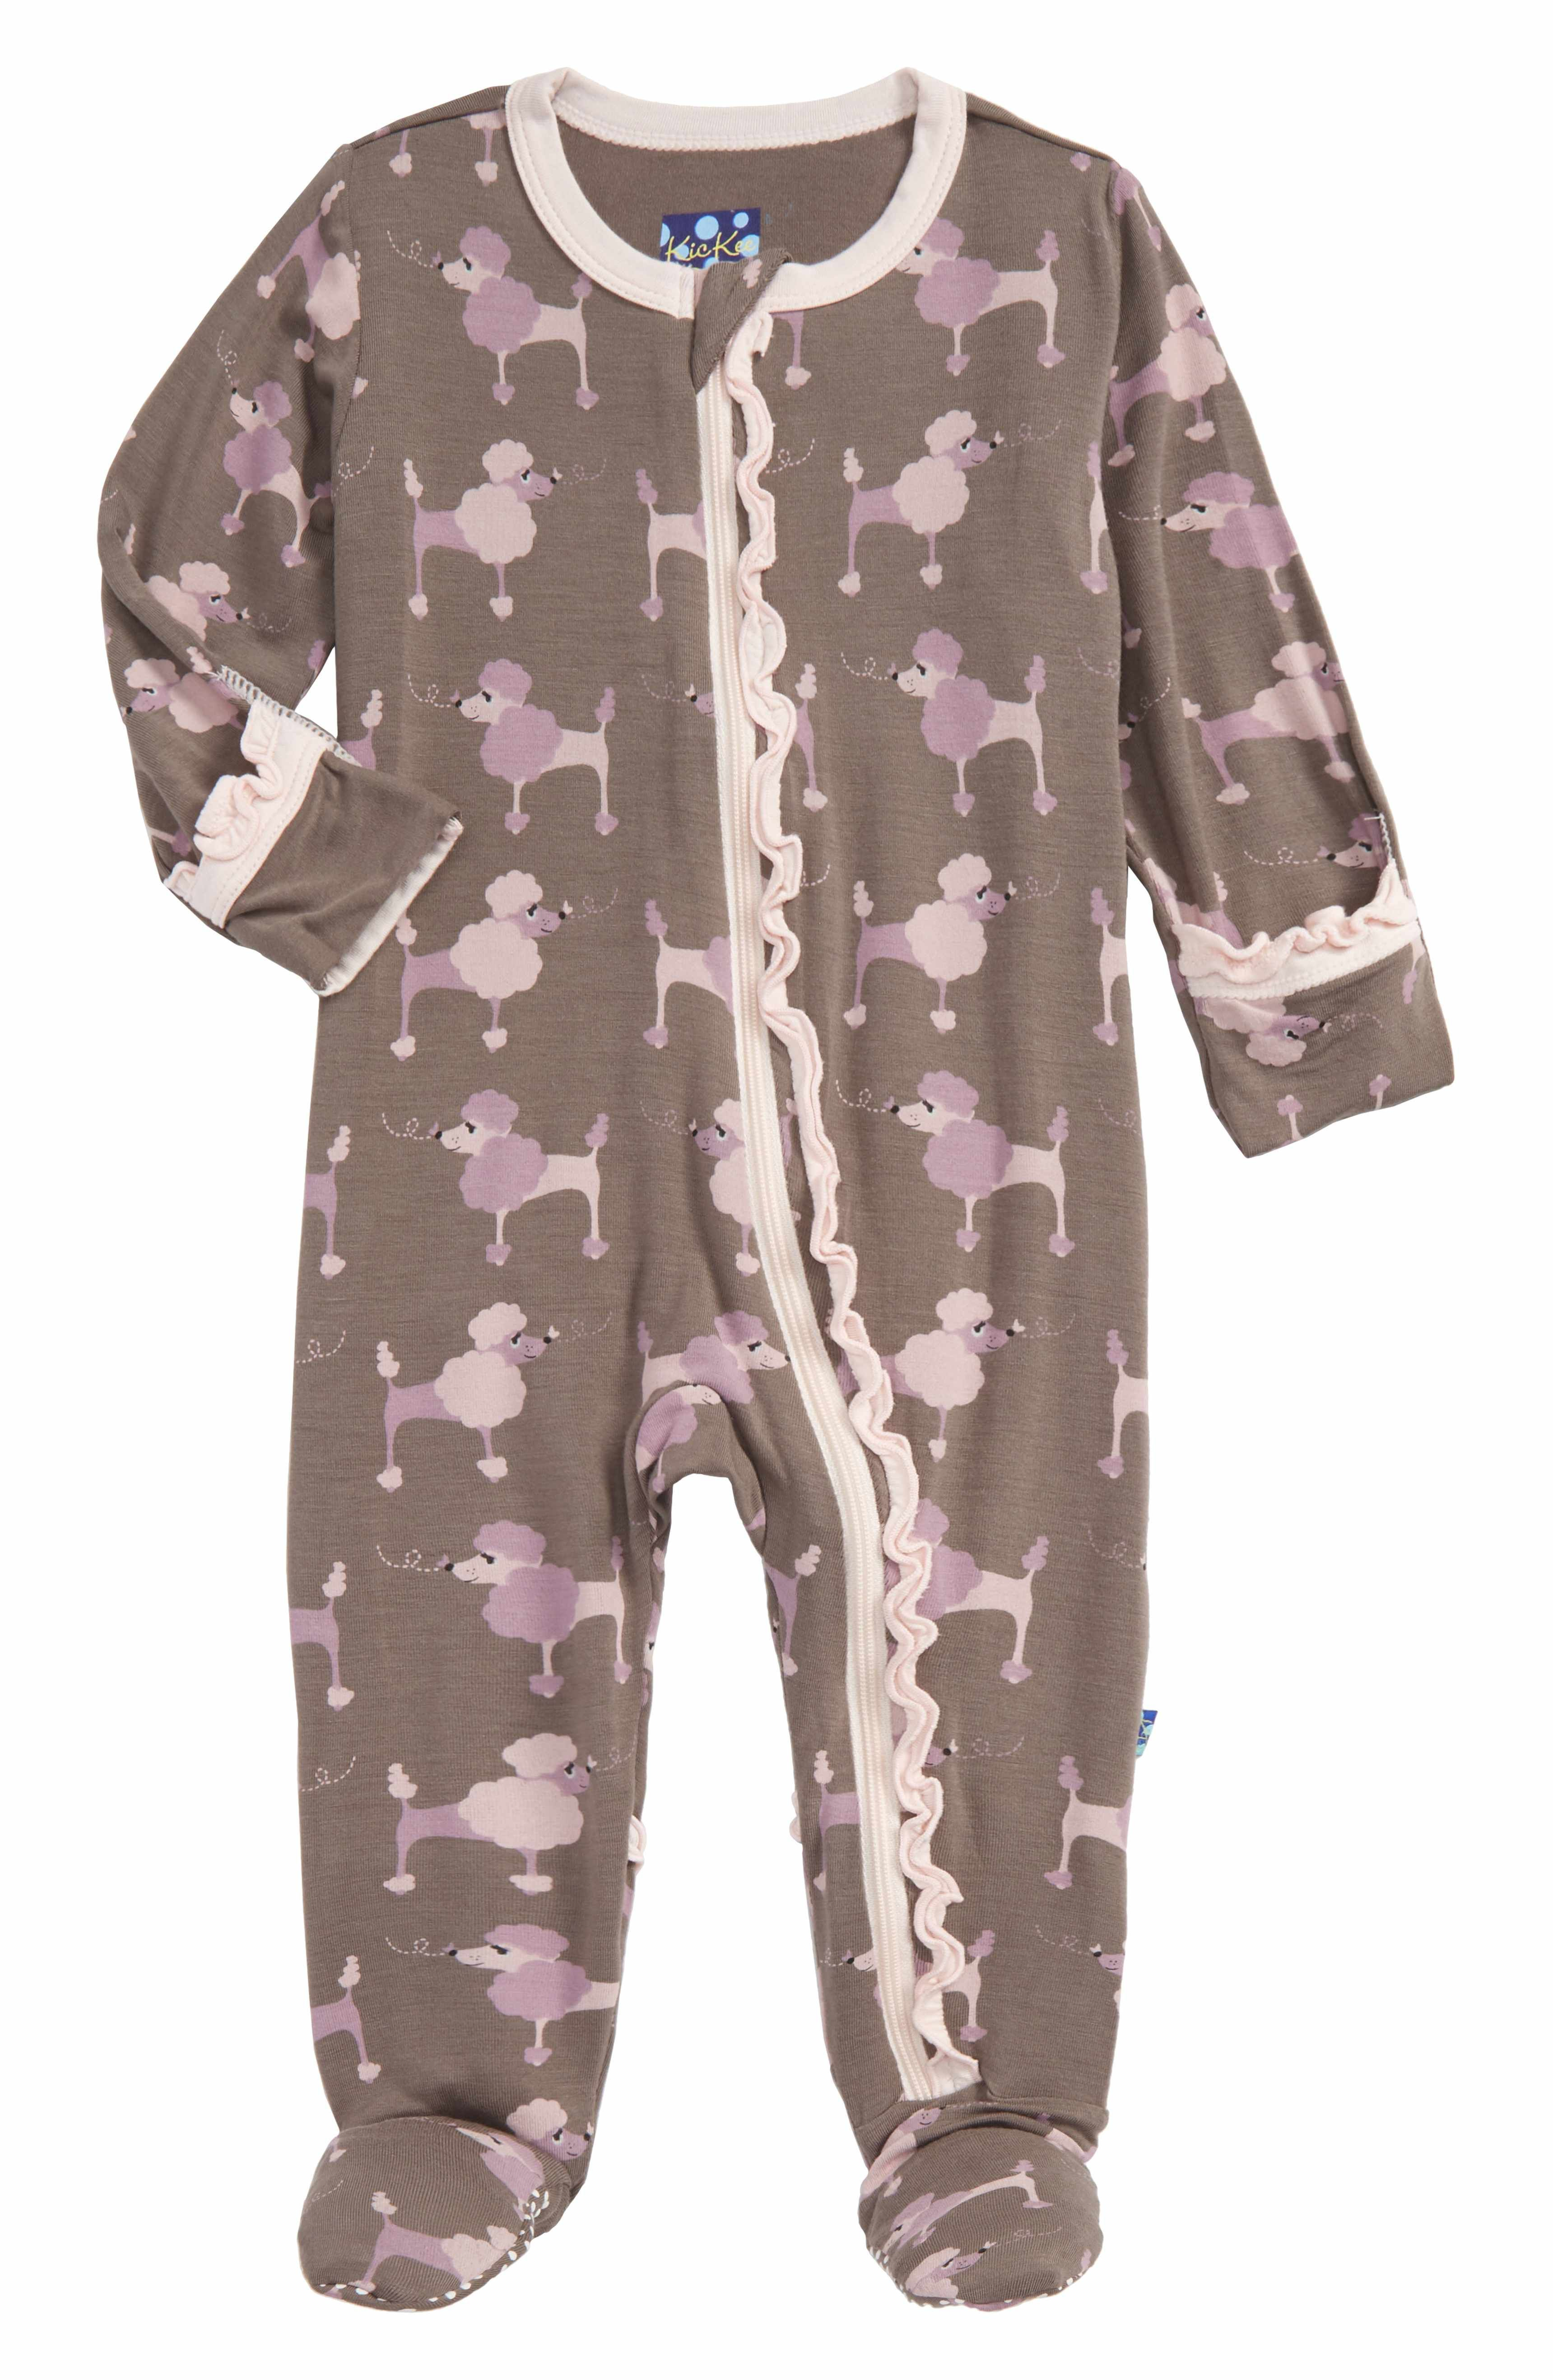 Main Image Kickee Pants Print Fitted e Piece Footie Pajamas